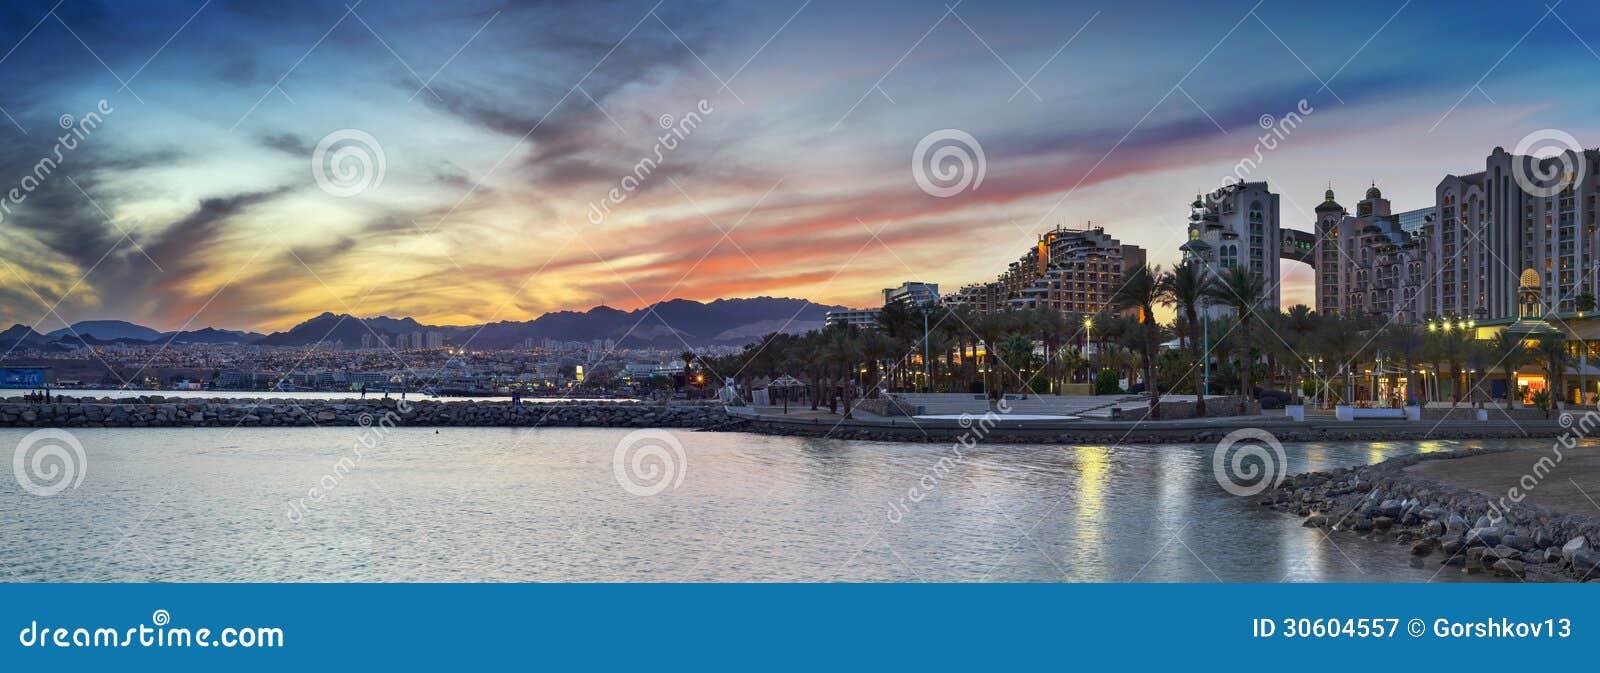 Opinión panorámica sobre la playa central de Eilat, Israel